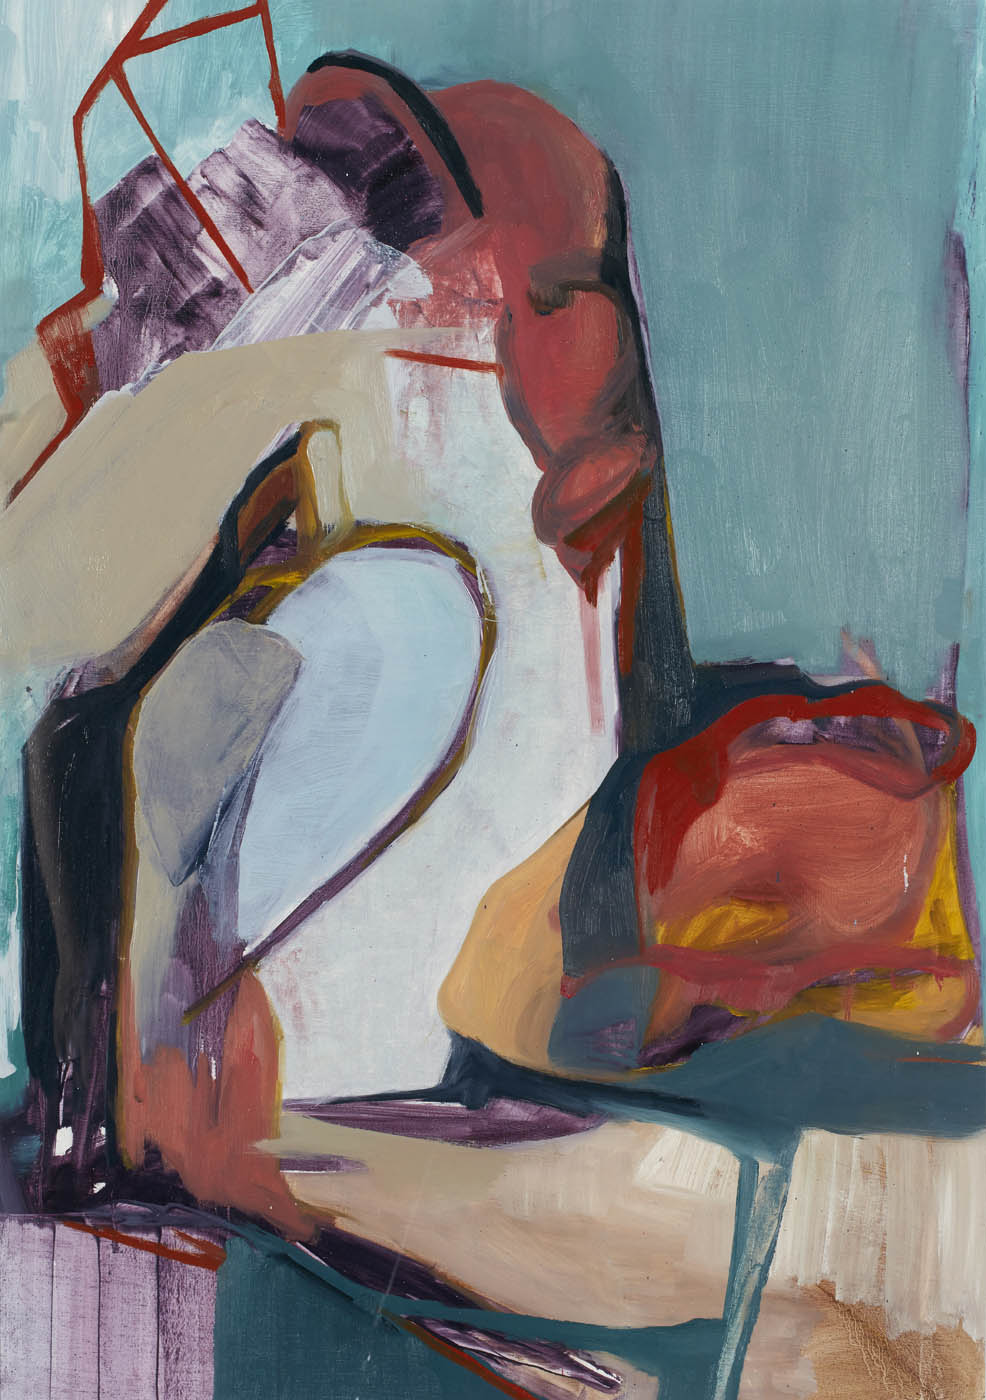 Sara Ghahramani - Untitled